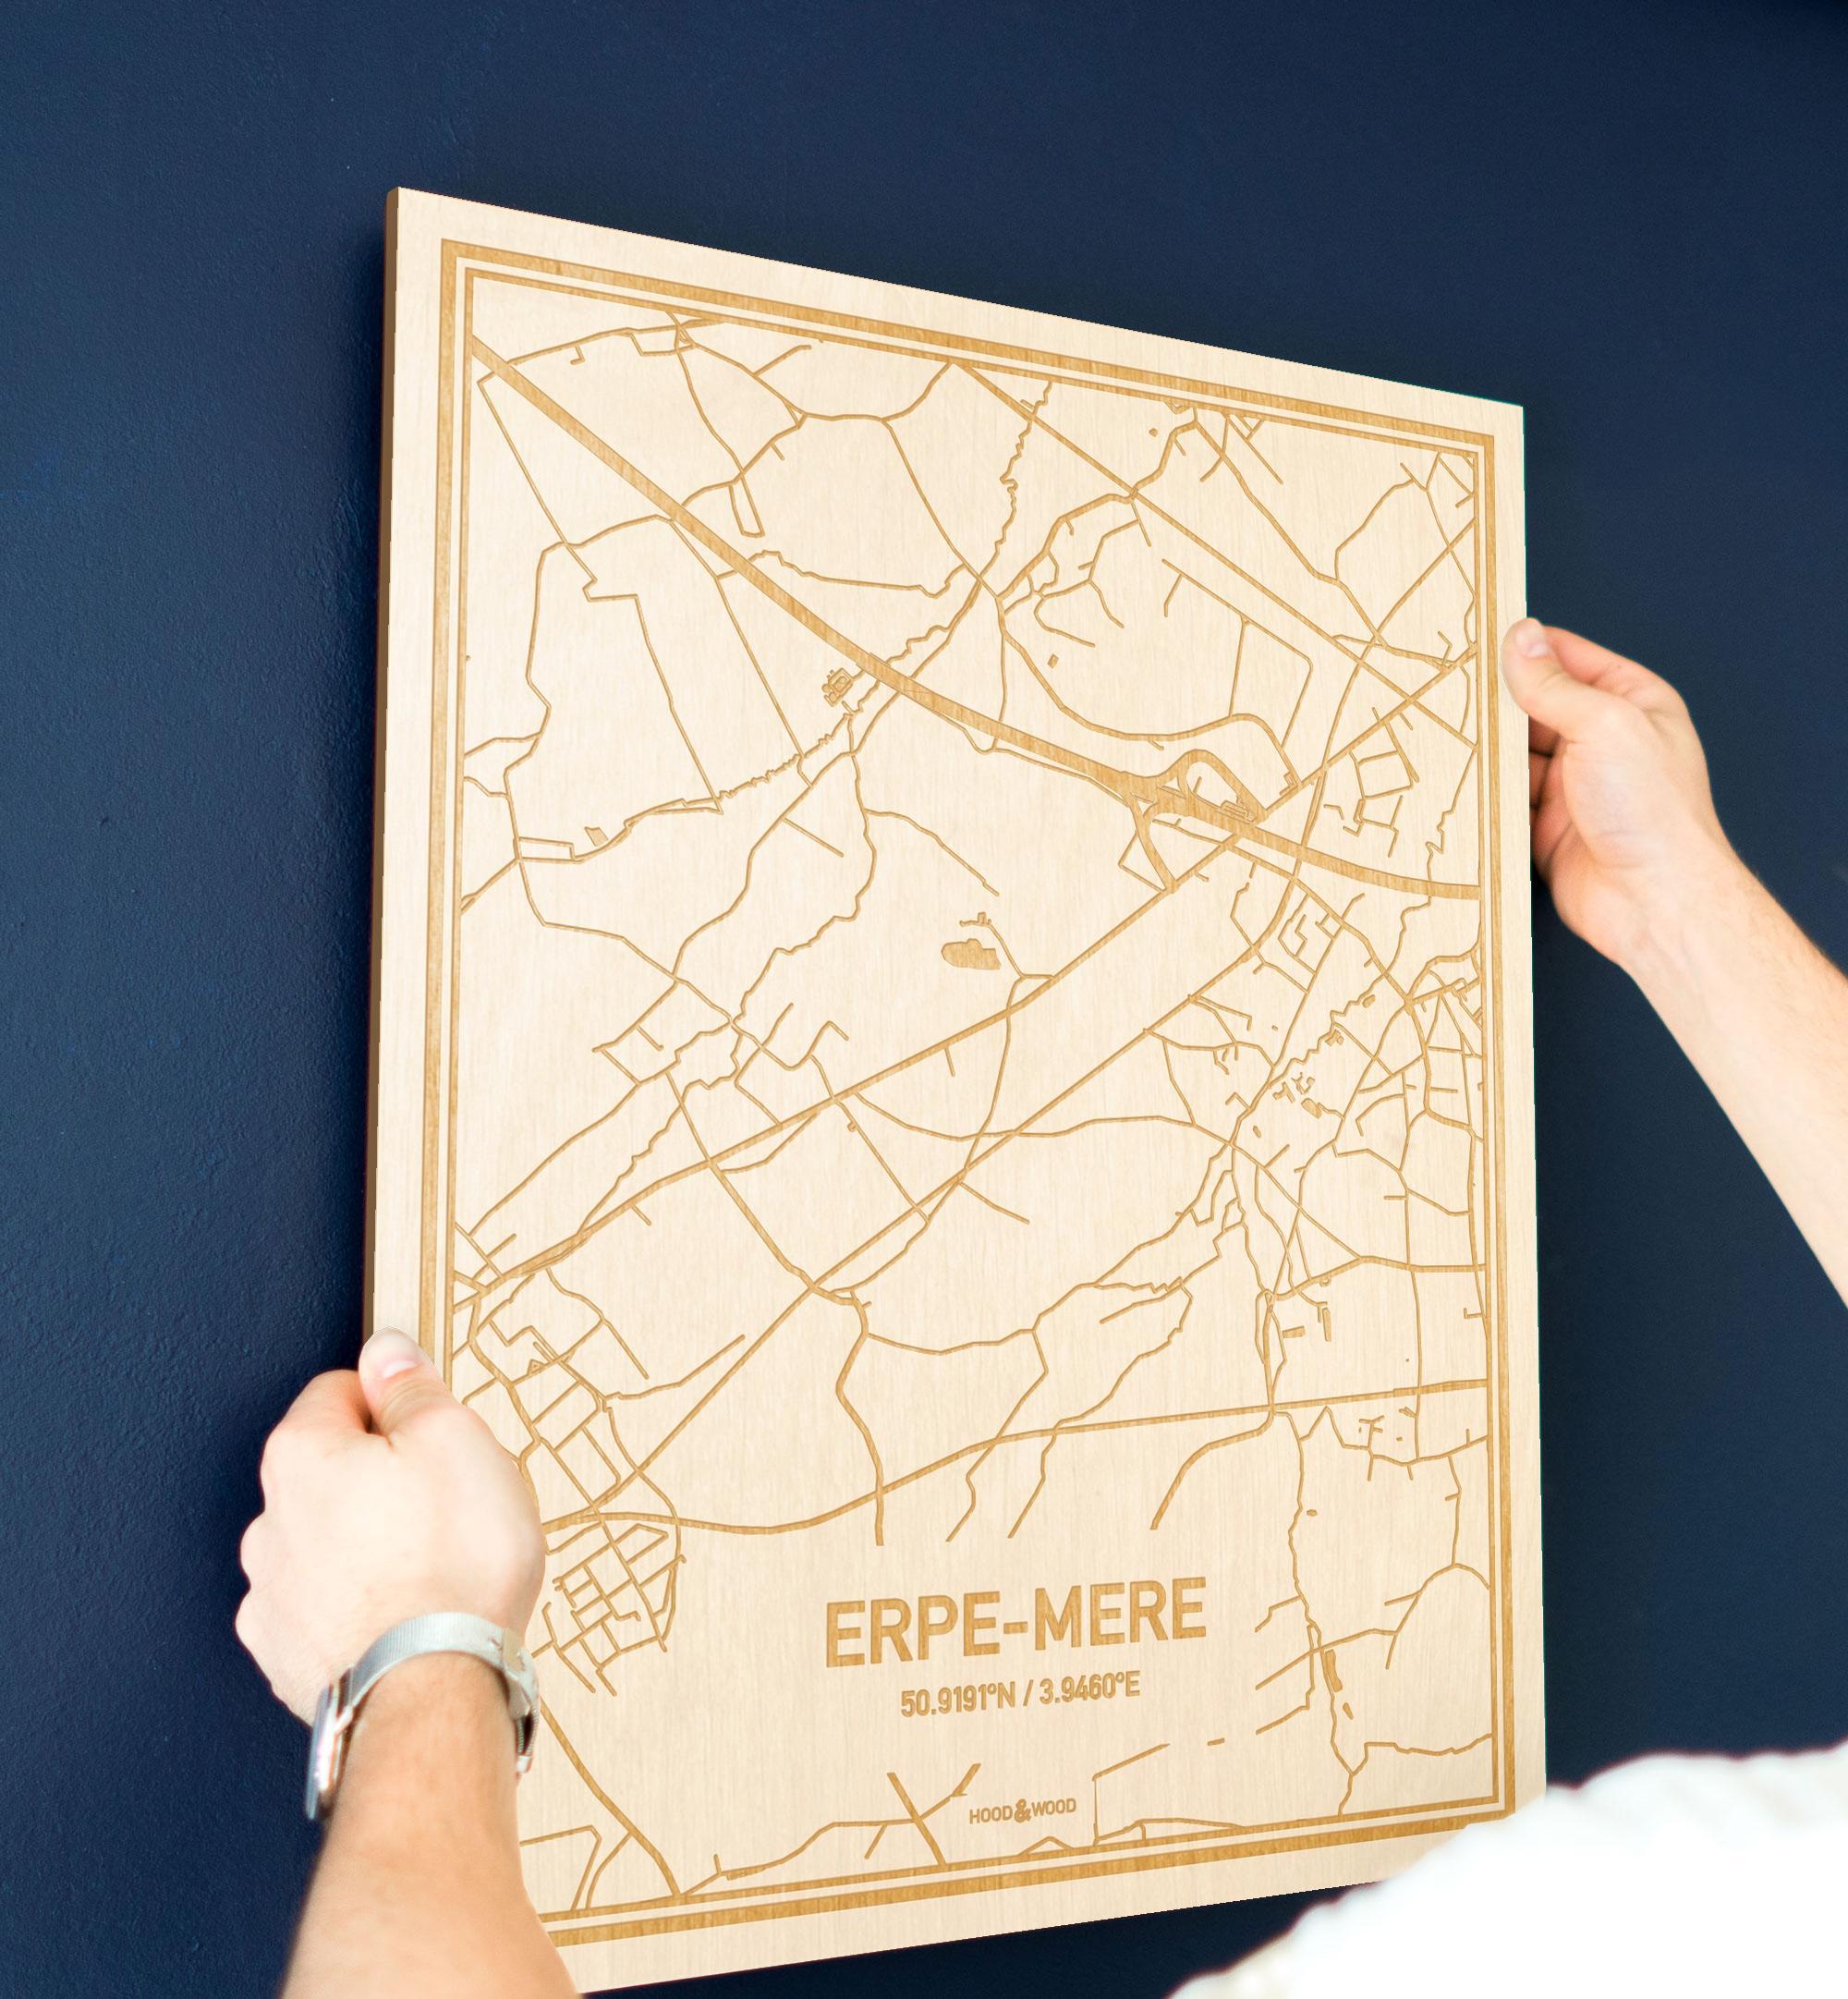 Een man hangt de houten plattegrond Erpe-Mere aan zijn blauwe muur ter decoratie. Je ziet alleen zijn handen de kaart van deze unieke in Oost-Vlaanderen  vasthouden.